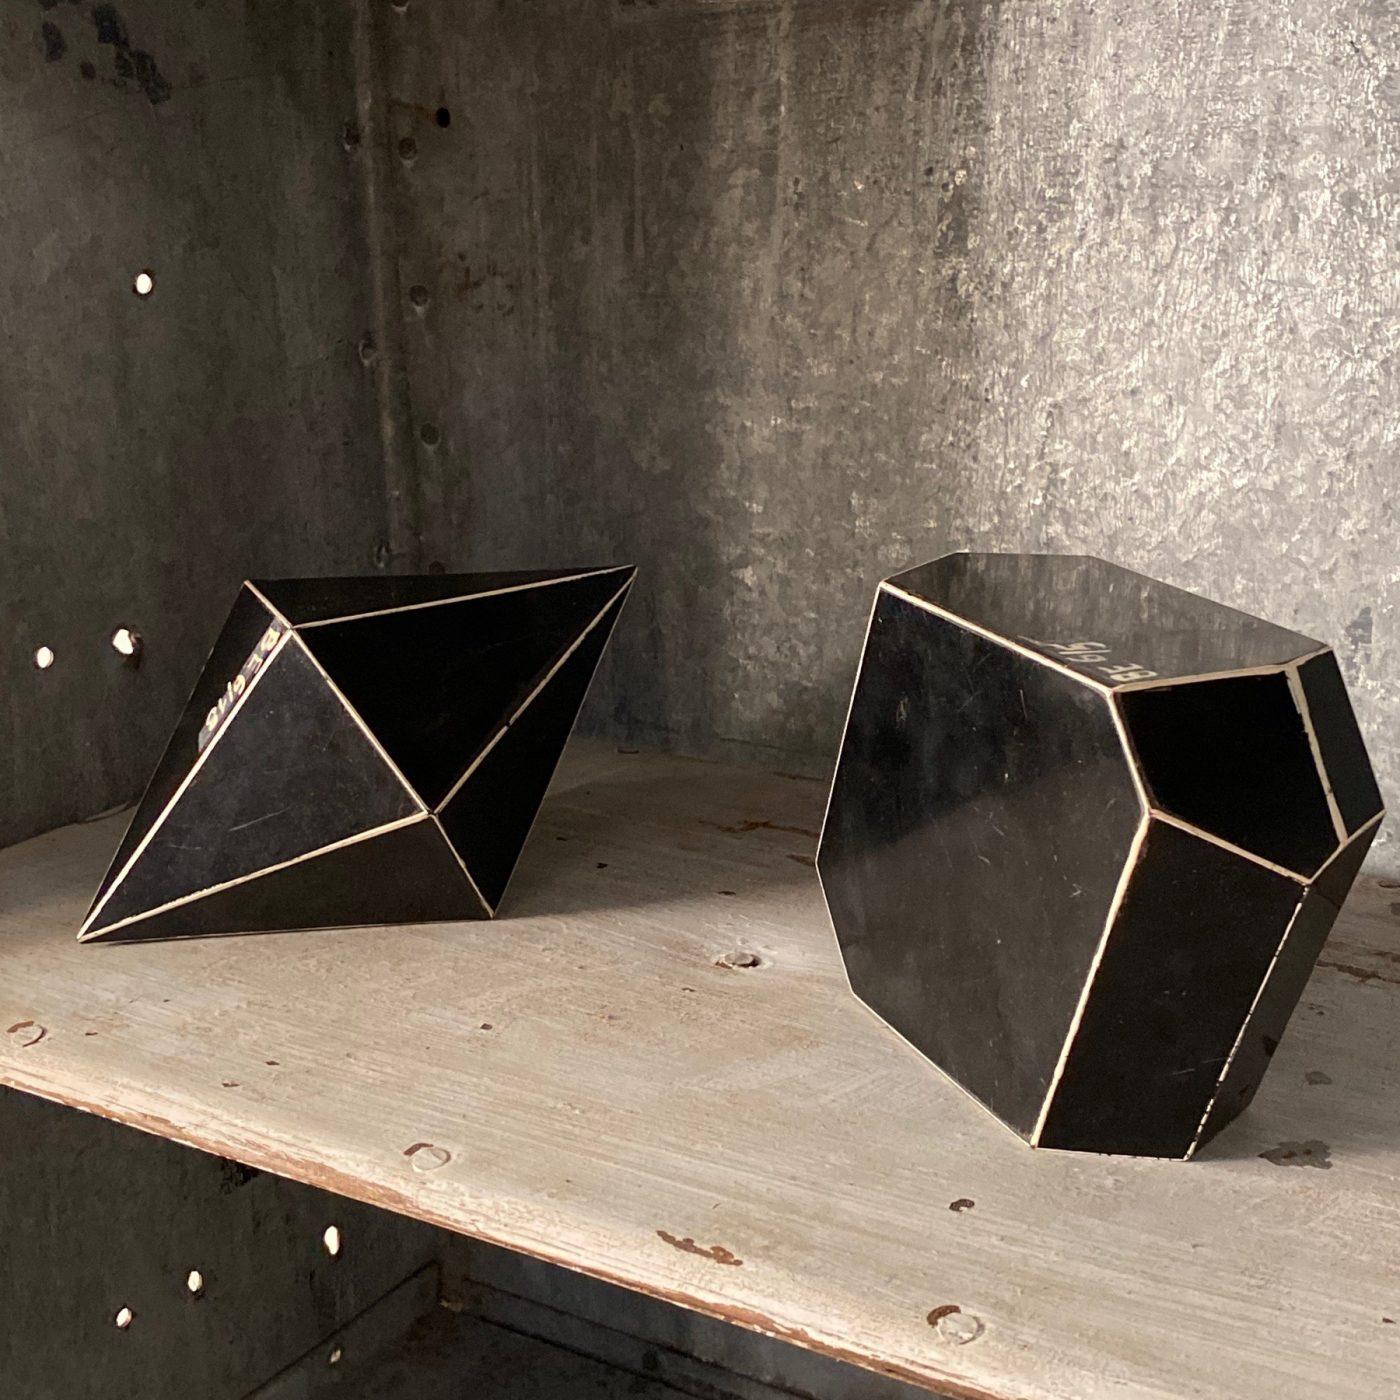 objet-vagabond-mineral-forms0000